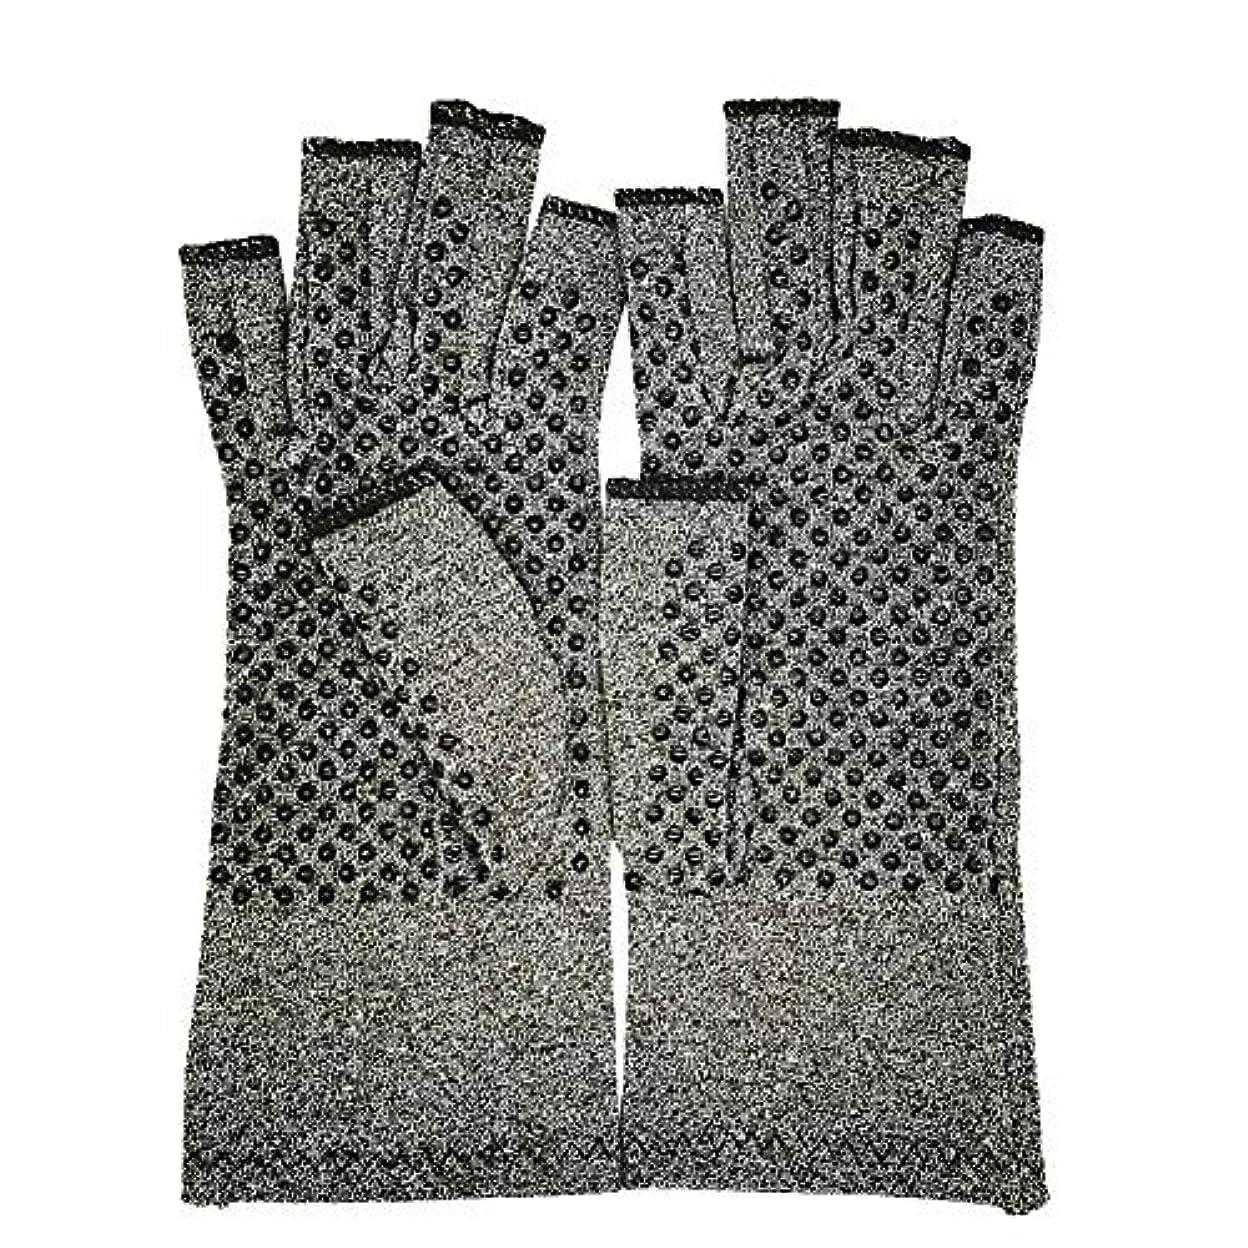 霧汚染する逆着圧引き締め手袋 手袋 指無しタイプ 関節炎手袋 グローブ 治療的圧縮 滑り止め付き 回復 男女共用 指の痛みを和らげる 男性 女性